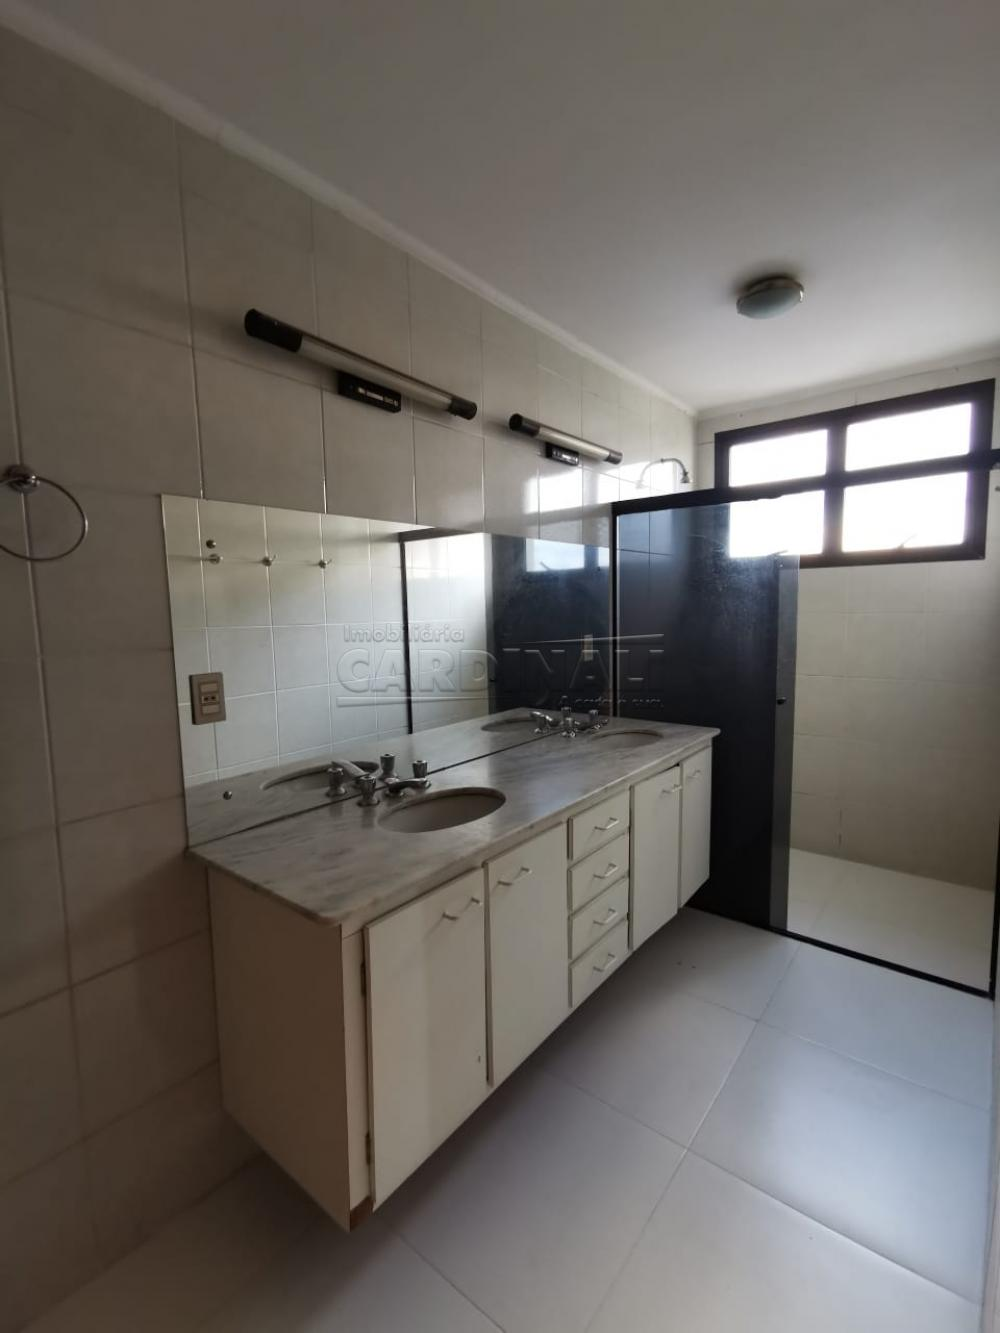 Alugar Apartamento / Padrão em Araraquara R$ 1.500,00 - Foto 10